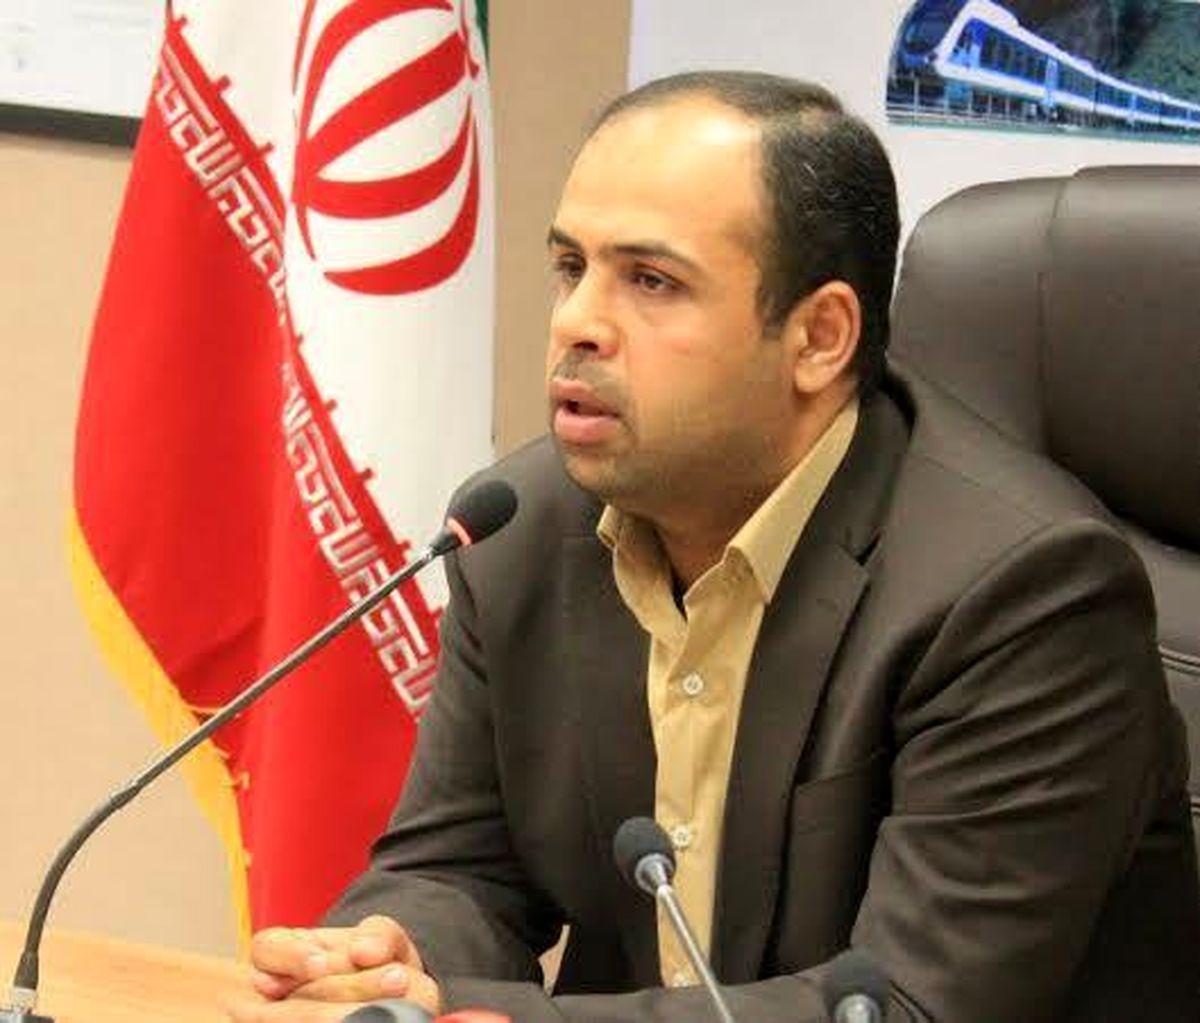 دو کیلوگرم تریاک در بخش امانات پستی فرودگاه امام خمینی (ره) کشف و ضبط شد